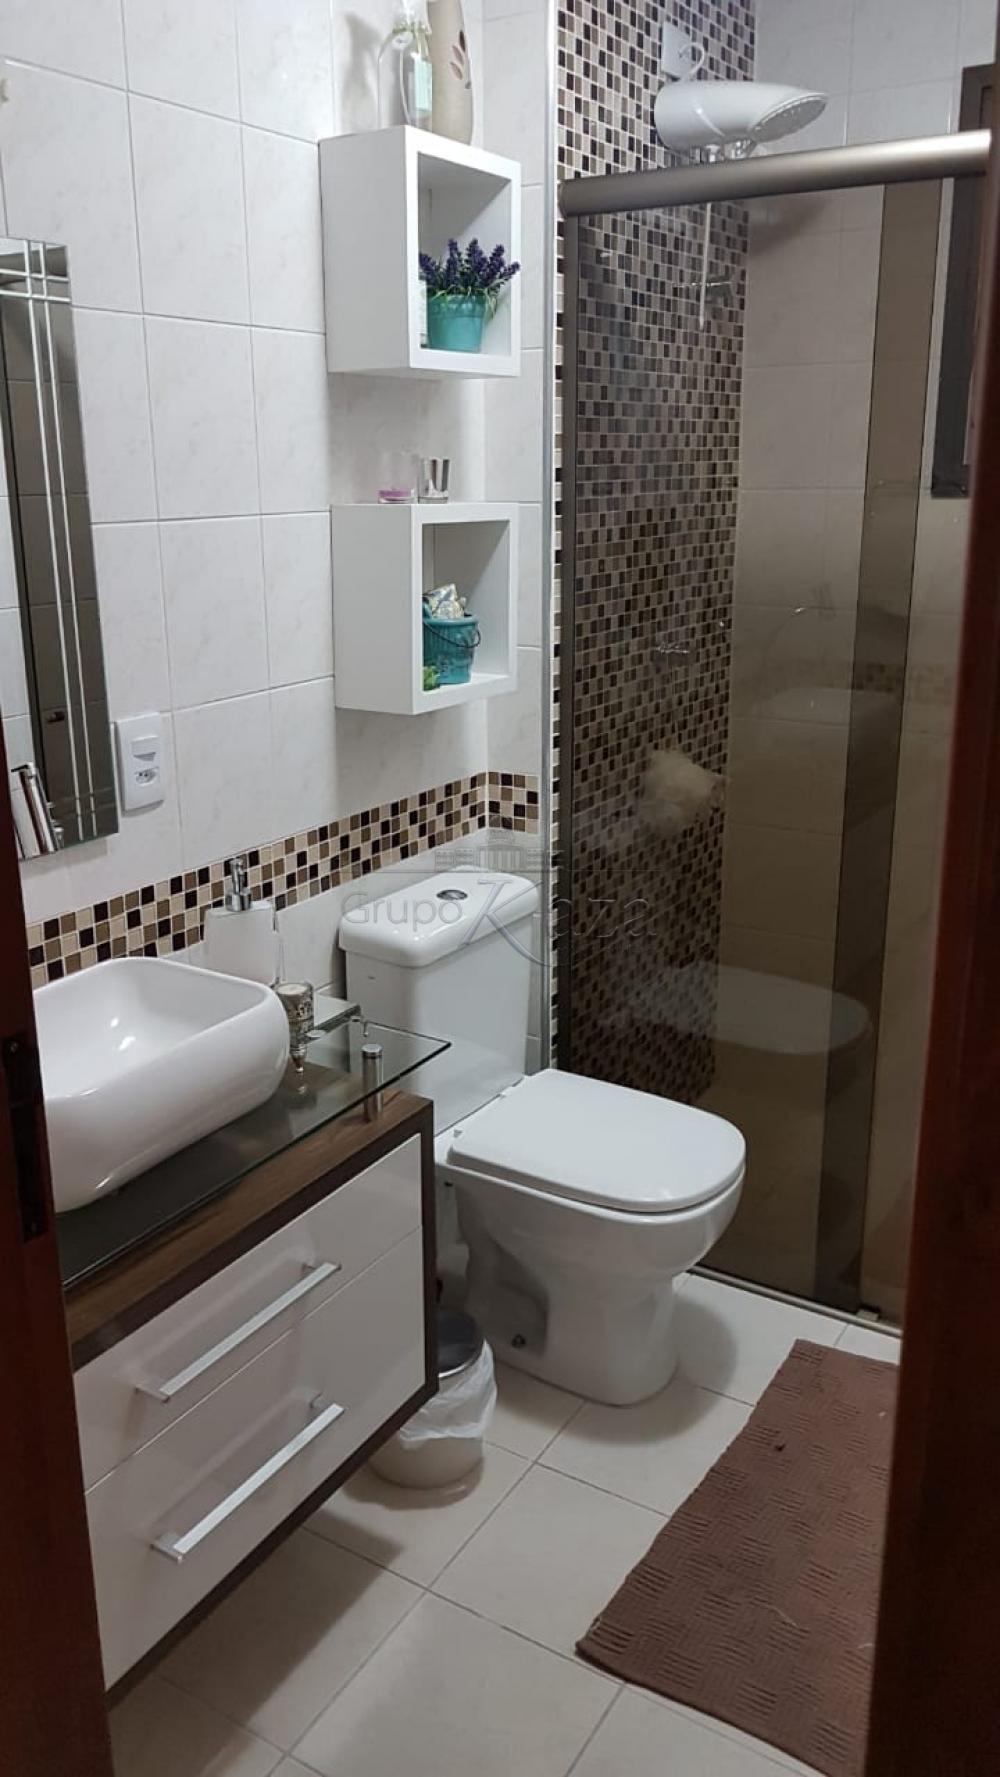 Alugar Apartamento / Padrão em São José dos Campos R$ 2.600,00 - Foto 13